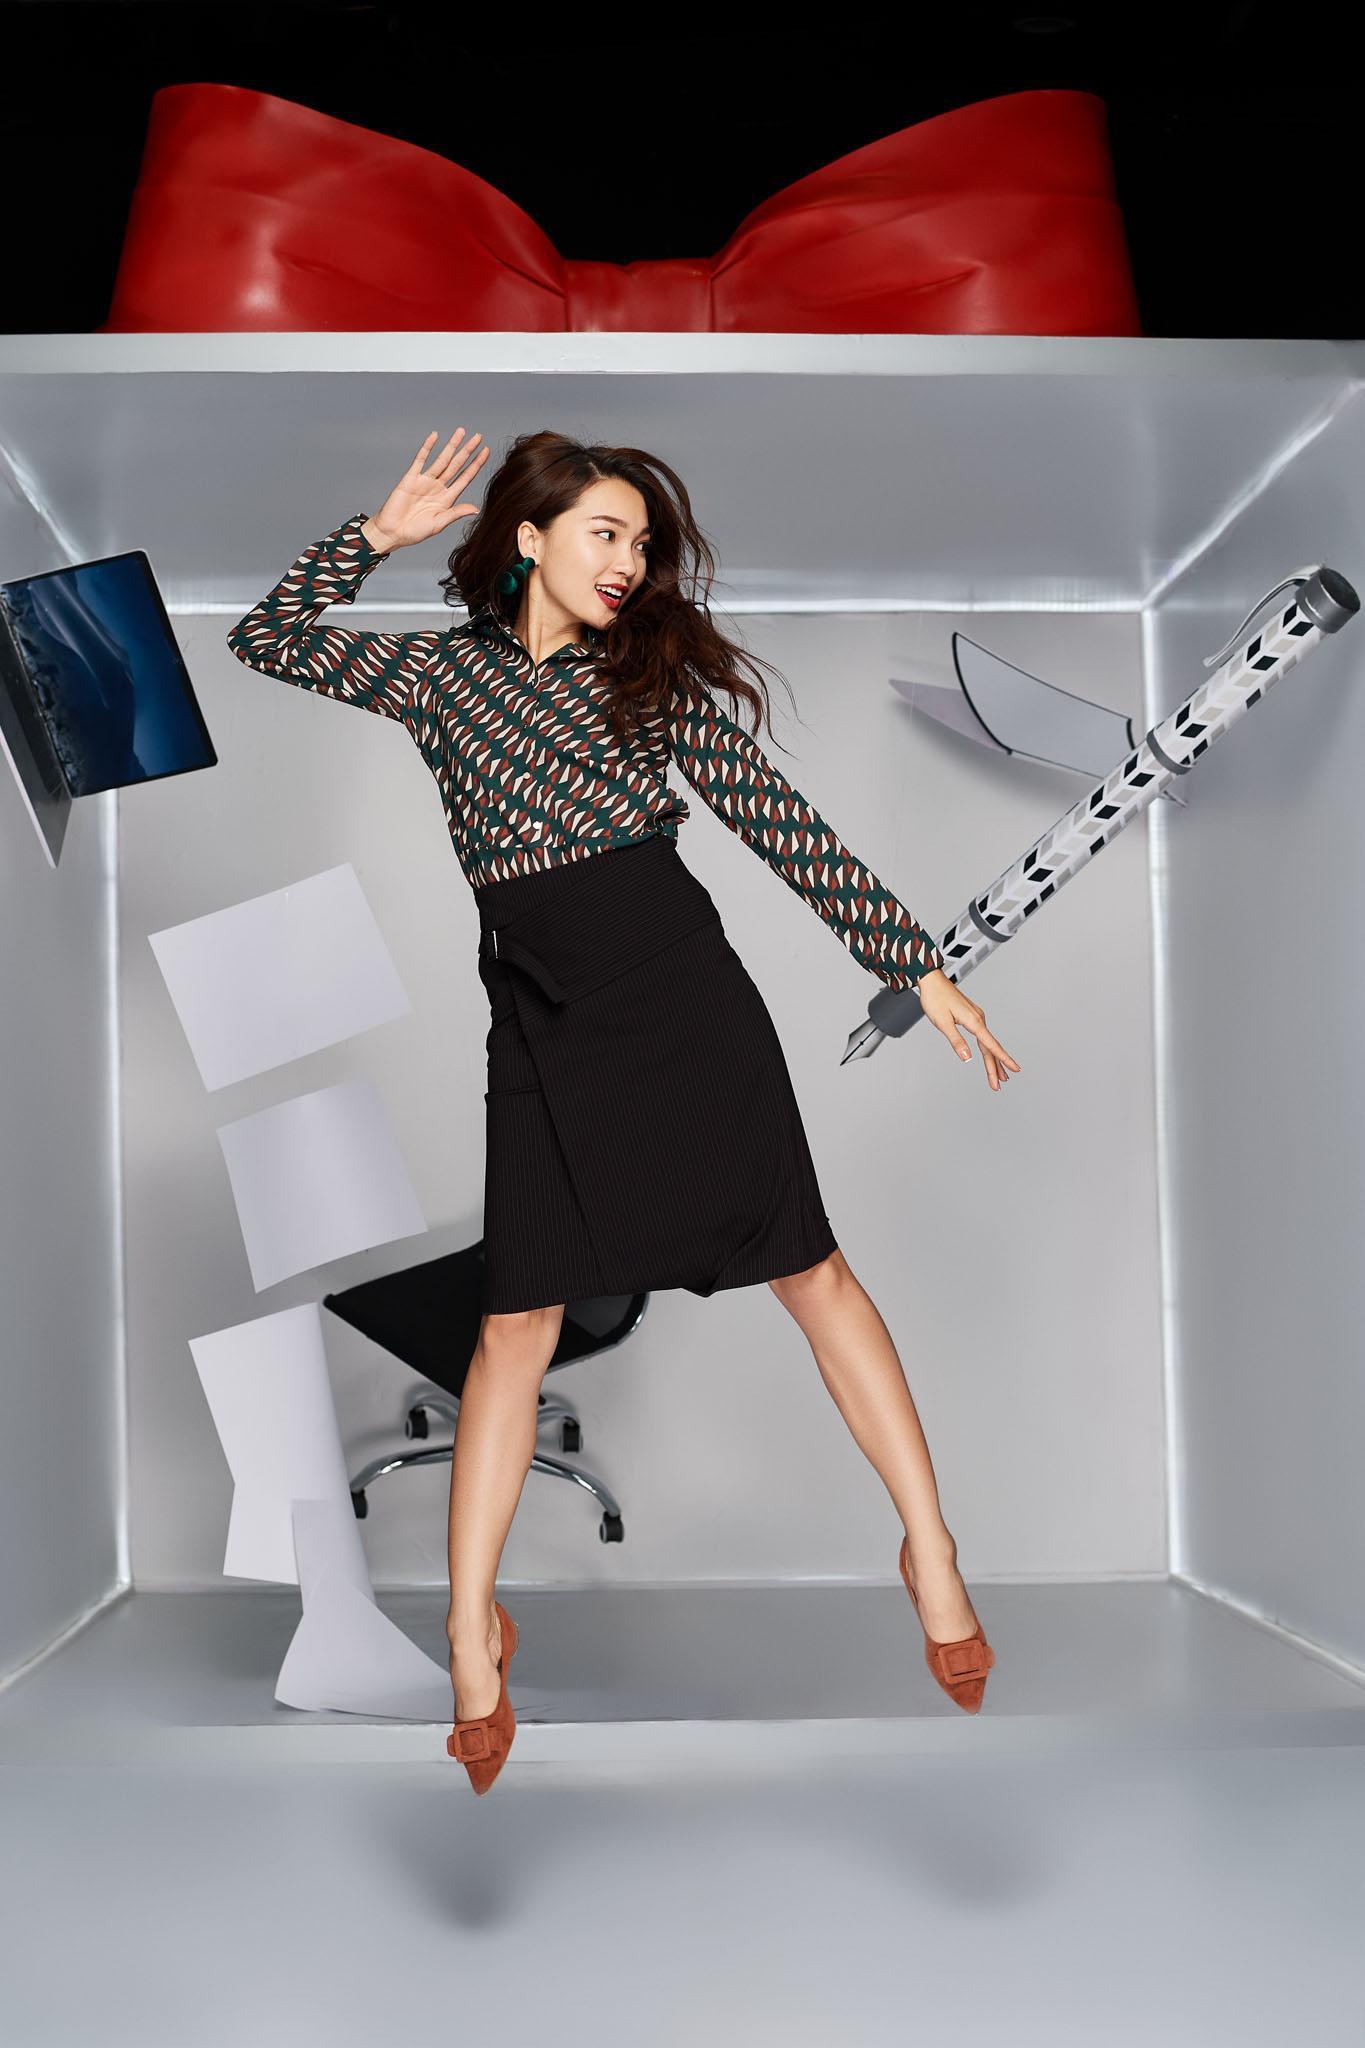 Làn gió mới cho thời trang công sở với những chuyển động cá tính - Ảnh 5.